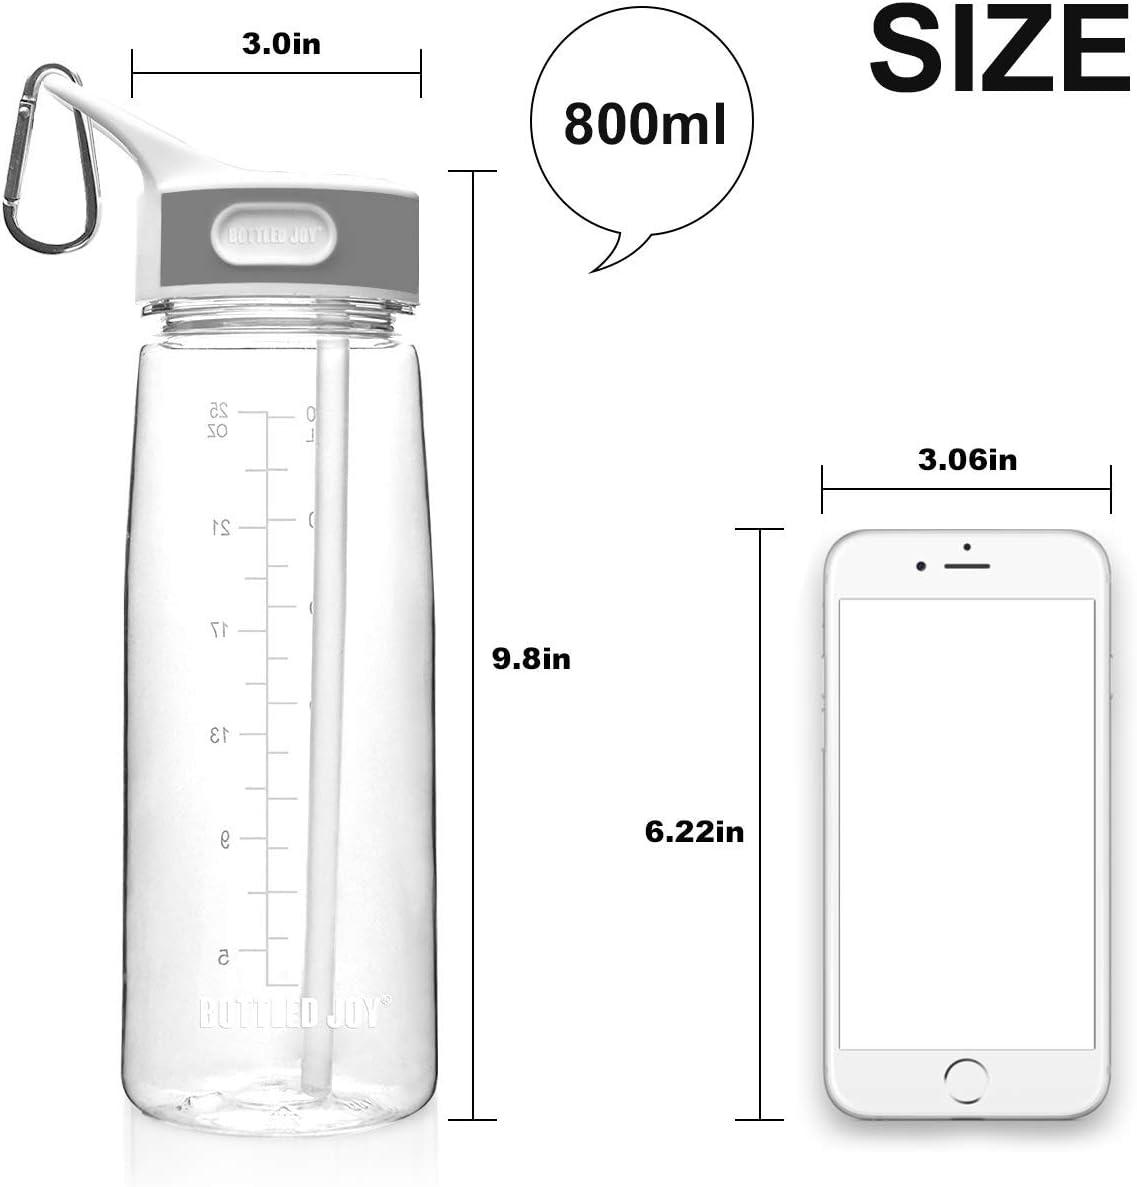 Clear Bottled Joy Water Bottle with Straw 800ml Durable Triton Gym Flip Sipper Bottle Dustproof Leakproof BPA Free with Marking